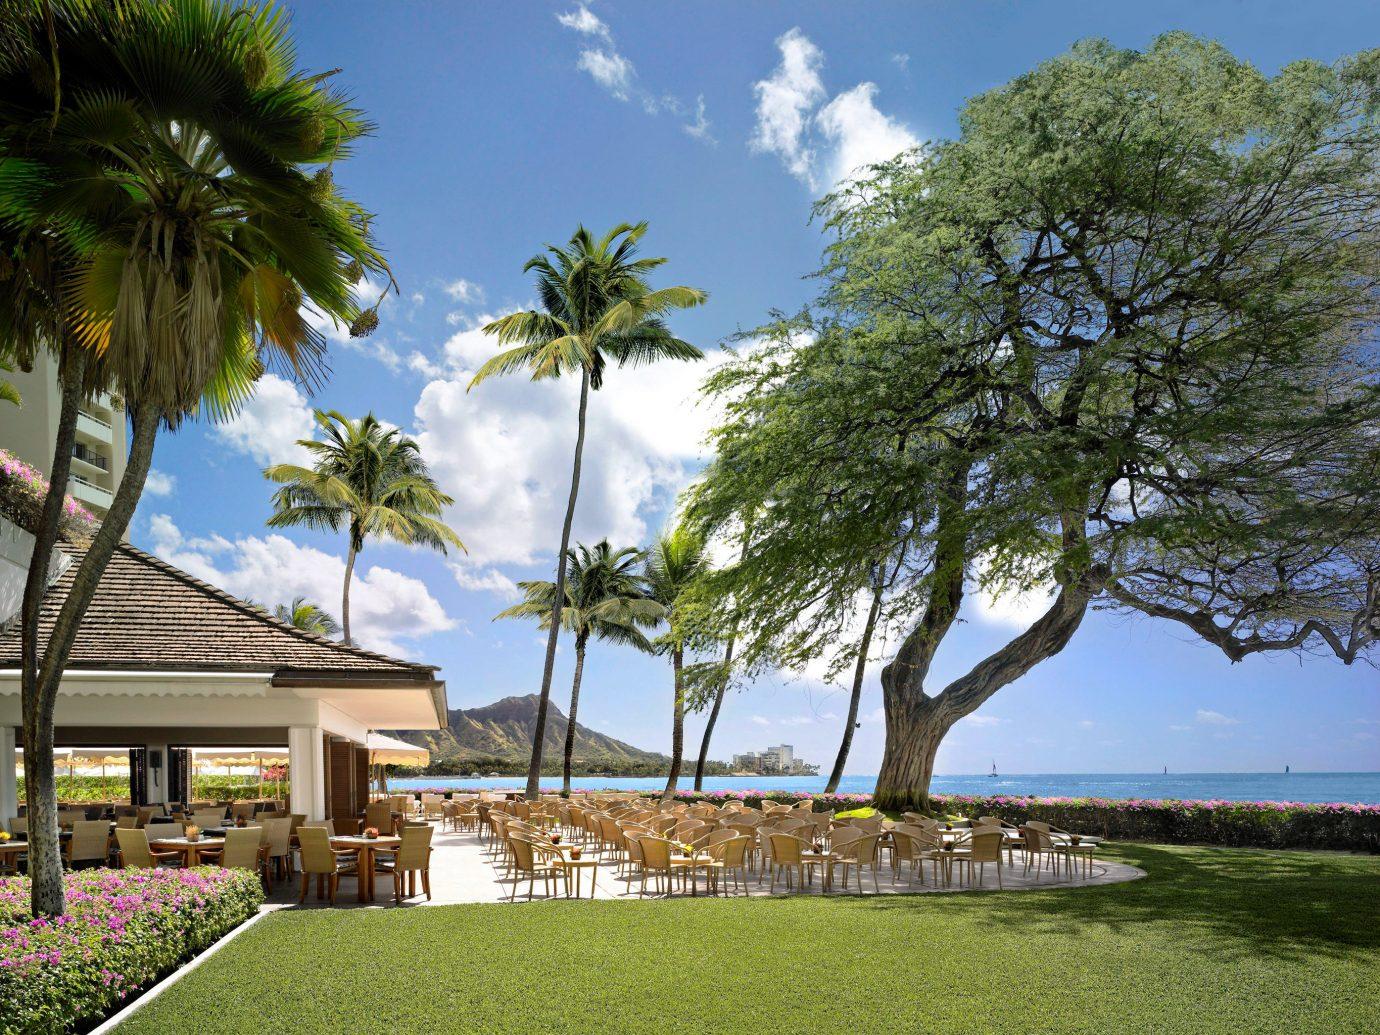 Halekulani, Honolulu, Hawaii